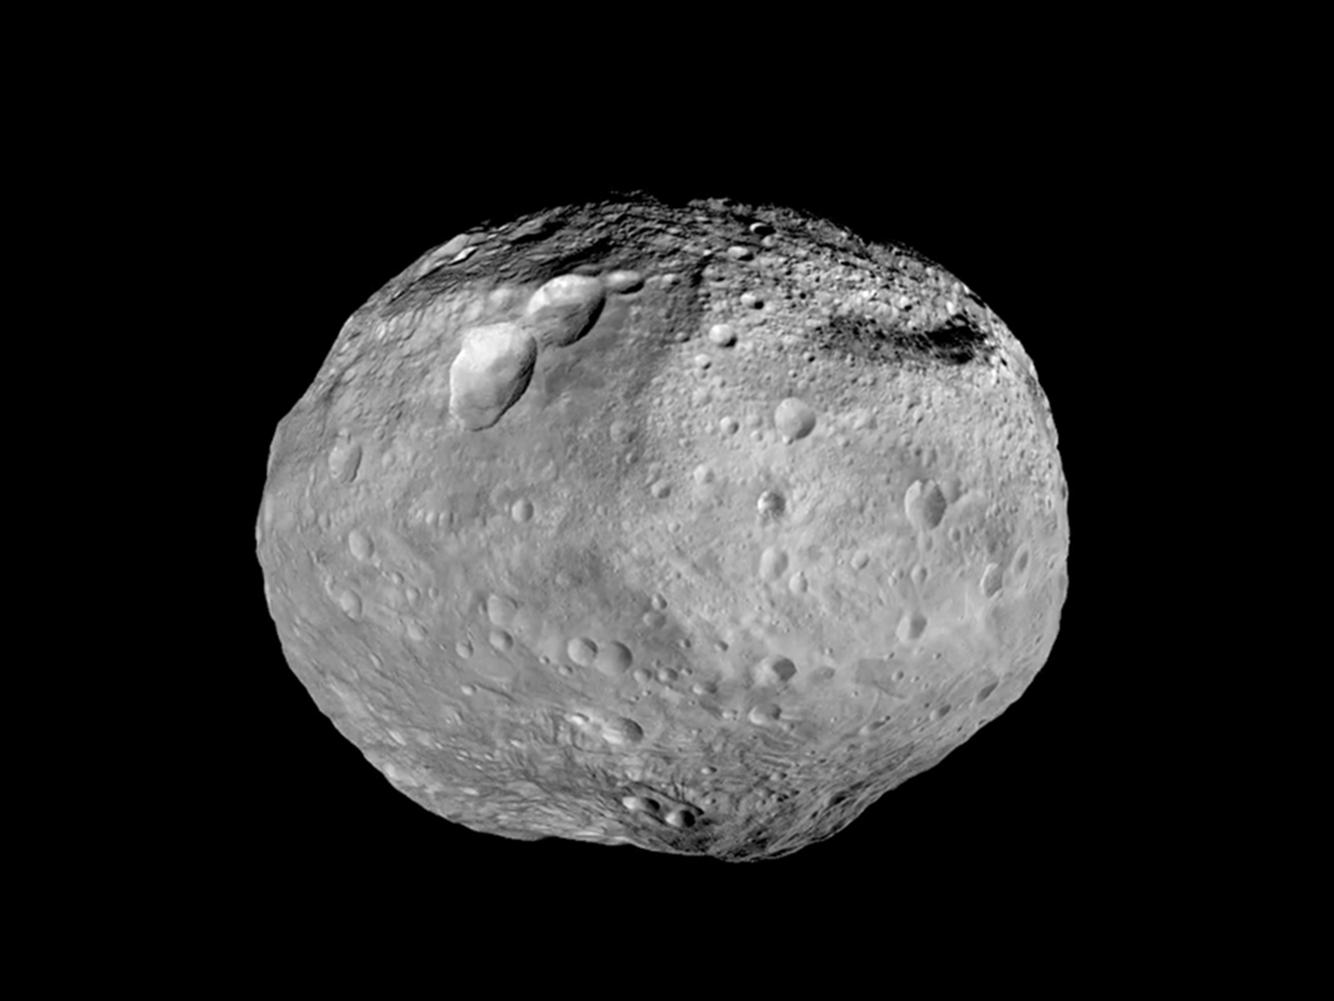 (4) Vesta: intervista sull'evoluzione geologica dell'asteroide di Dawn